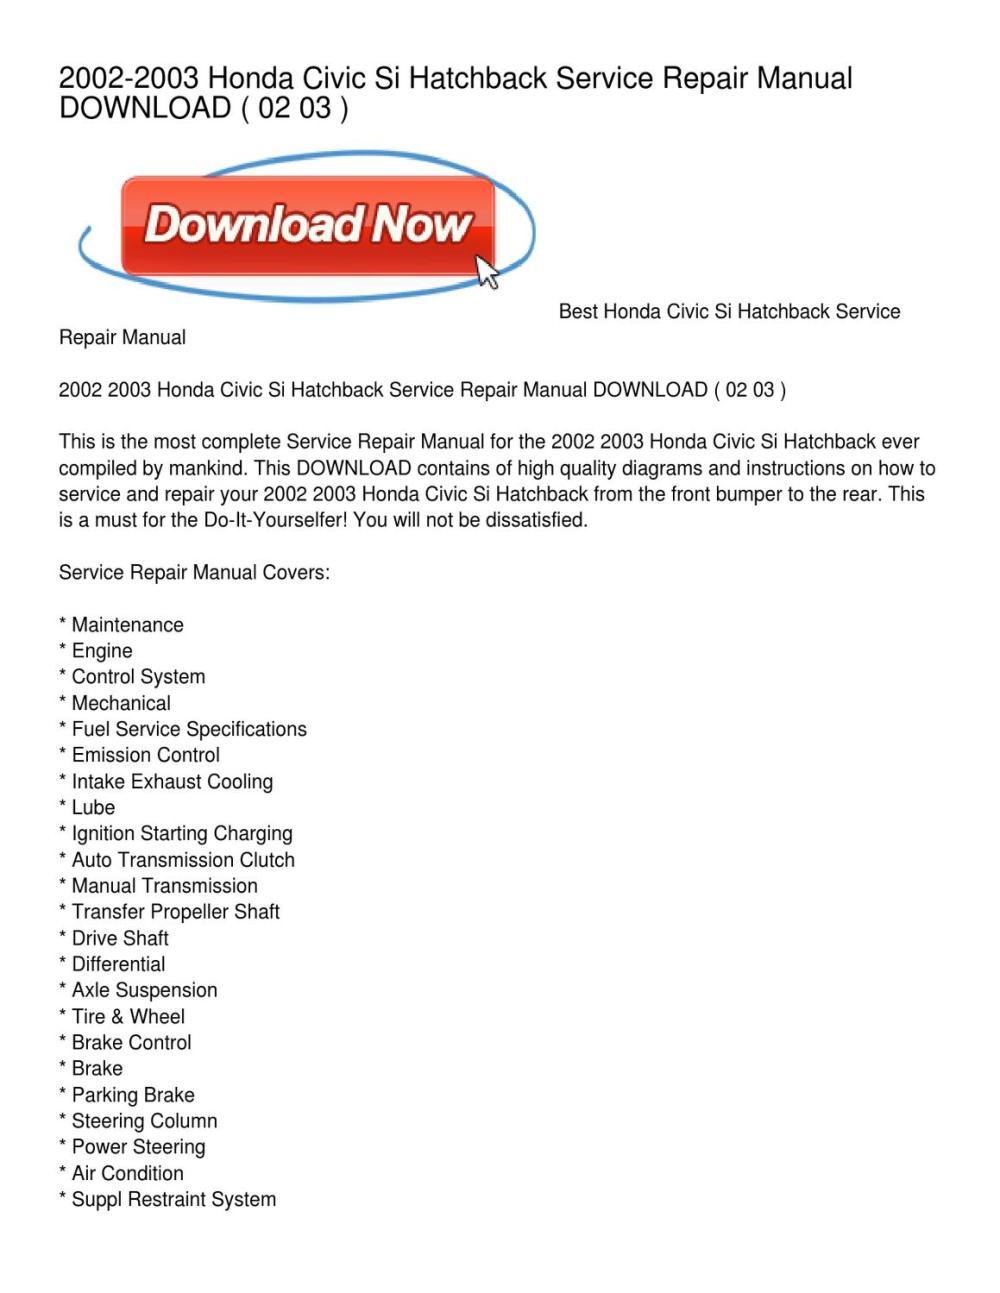 medium resolution of 2002 2003 honda civic si hatchback service repair manual download by 2001 honda civic engine diagram